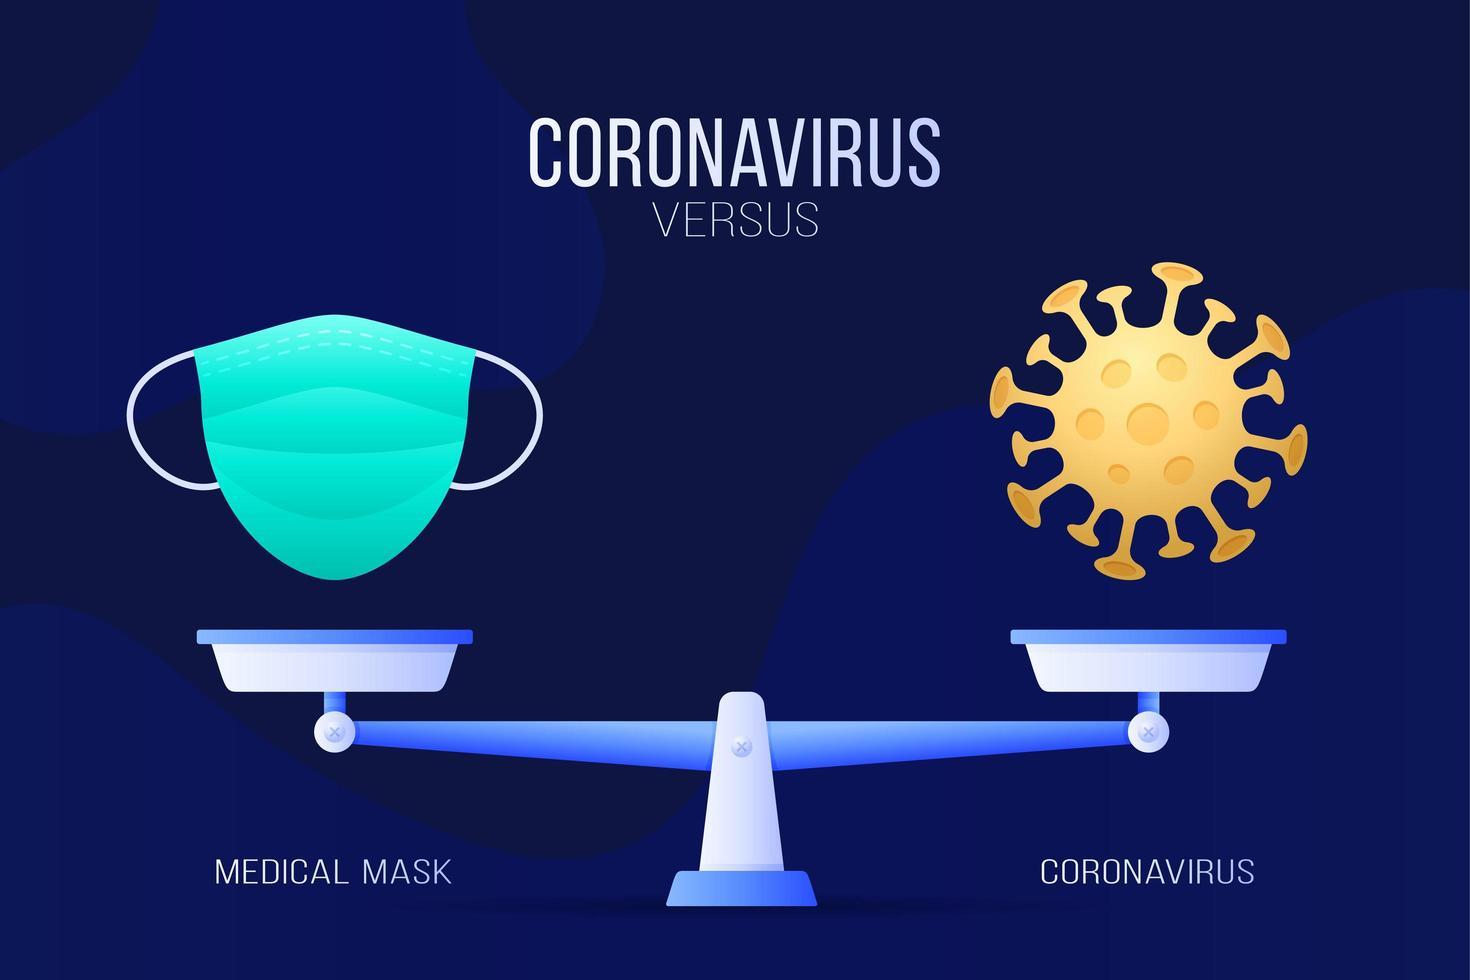 coronavirus o ilustración de vector de máscara médica. concepto creativo de escalas y versus, en un lado de la escala se encuentra un virus covid-19 y en el otro icono de máscara. ilustración vectorial plana.